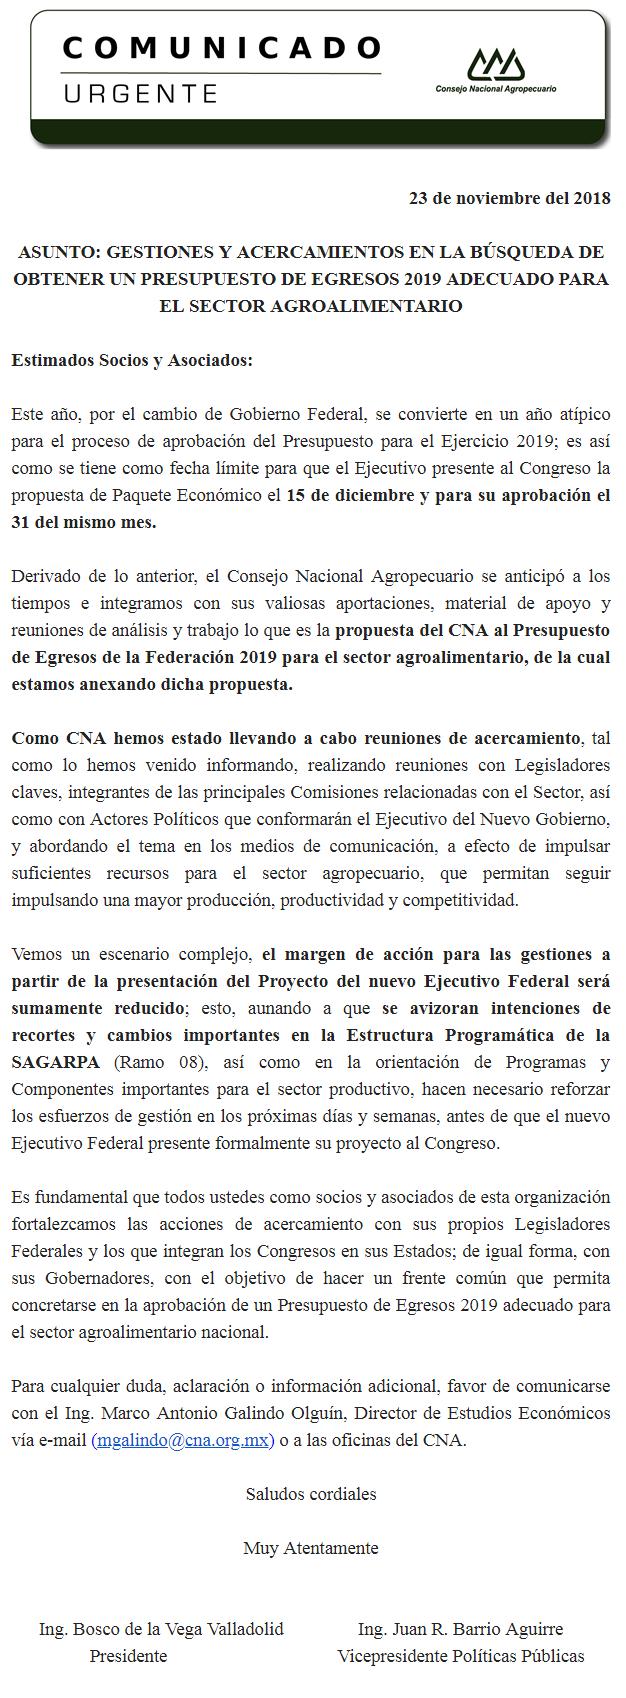 URGENTE: GESTIONES Y ACERCAMIENTOS EN LA BÚSQUEDA DE OBTENER UN PRESUPUESTO DE EGRESOS 2019 ADECUADO